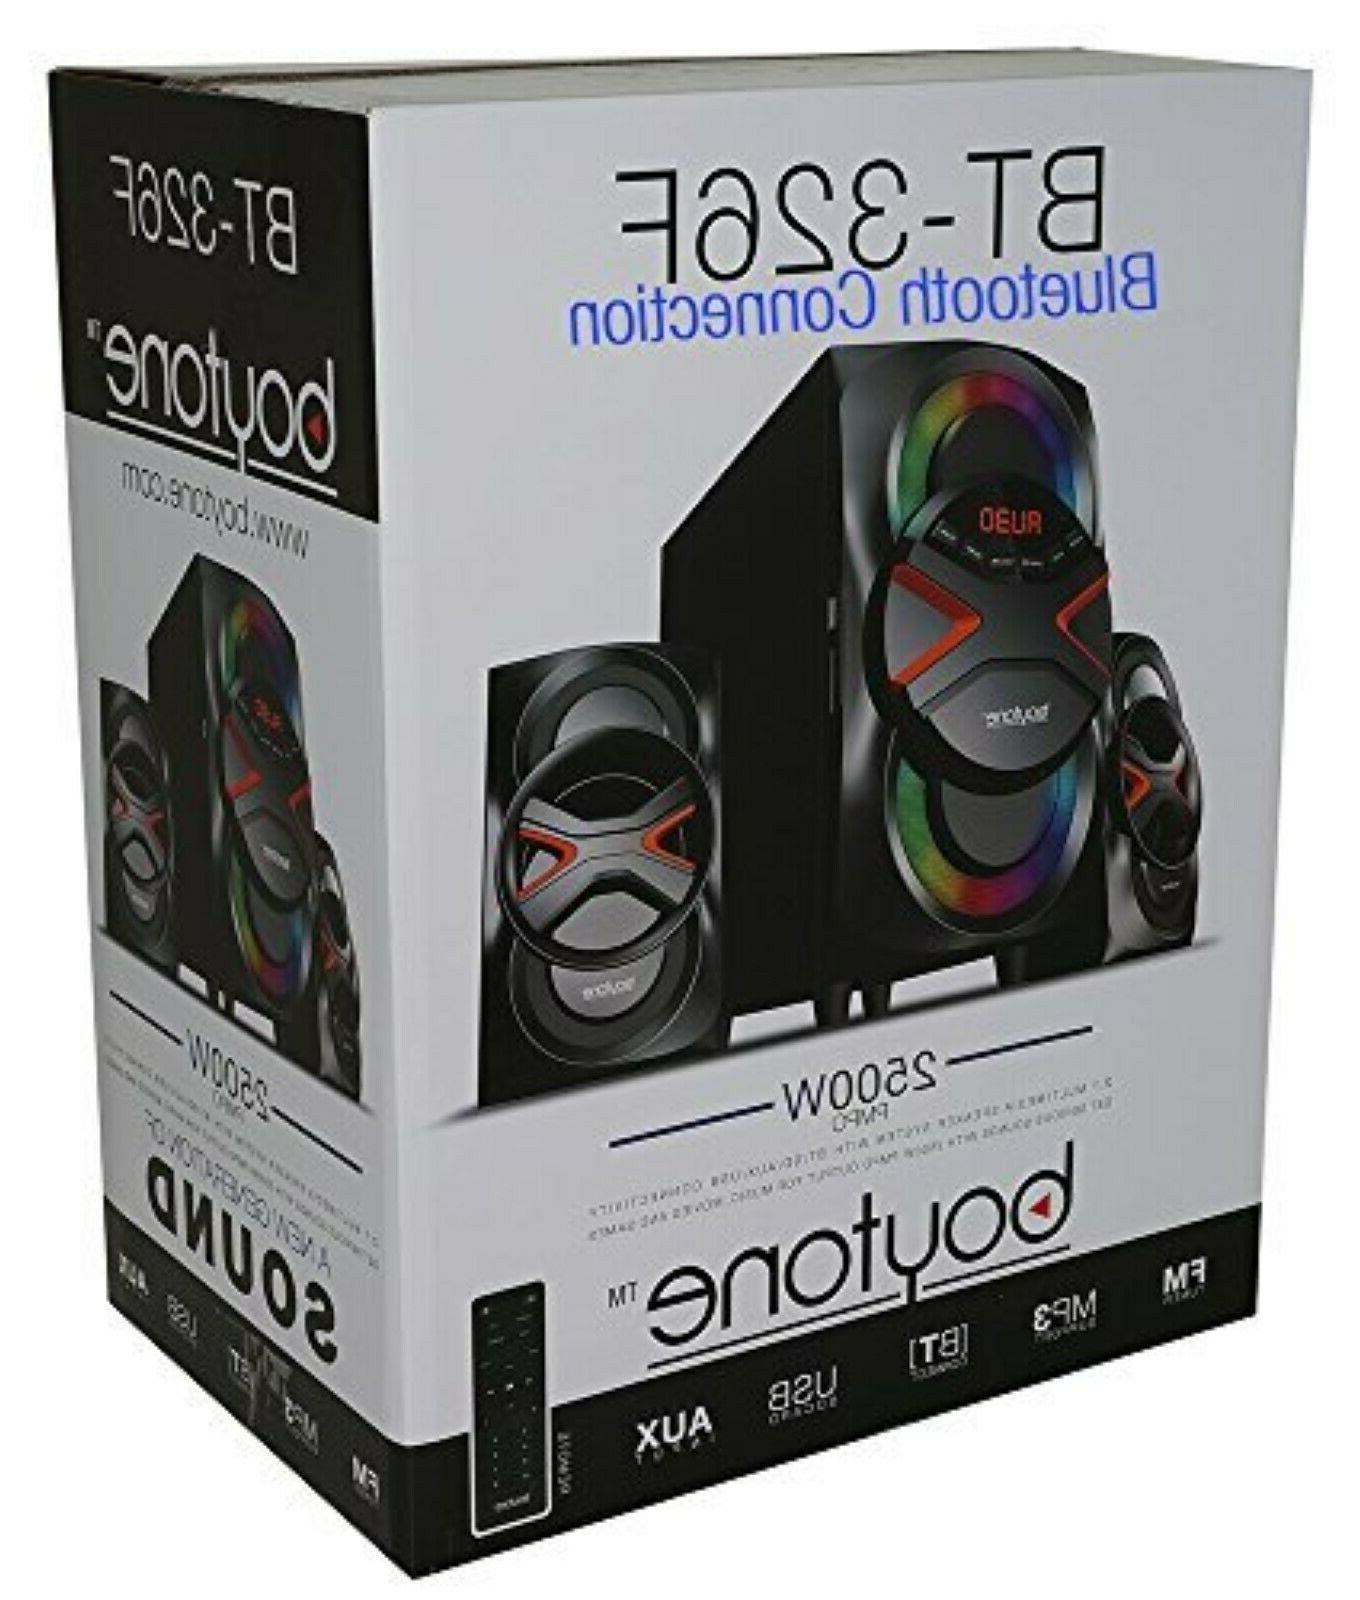 Multimedia Stereo MP3 Remote Control